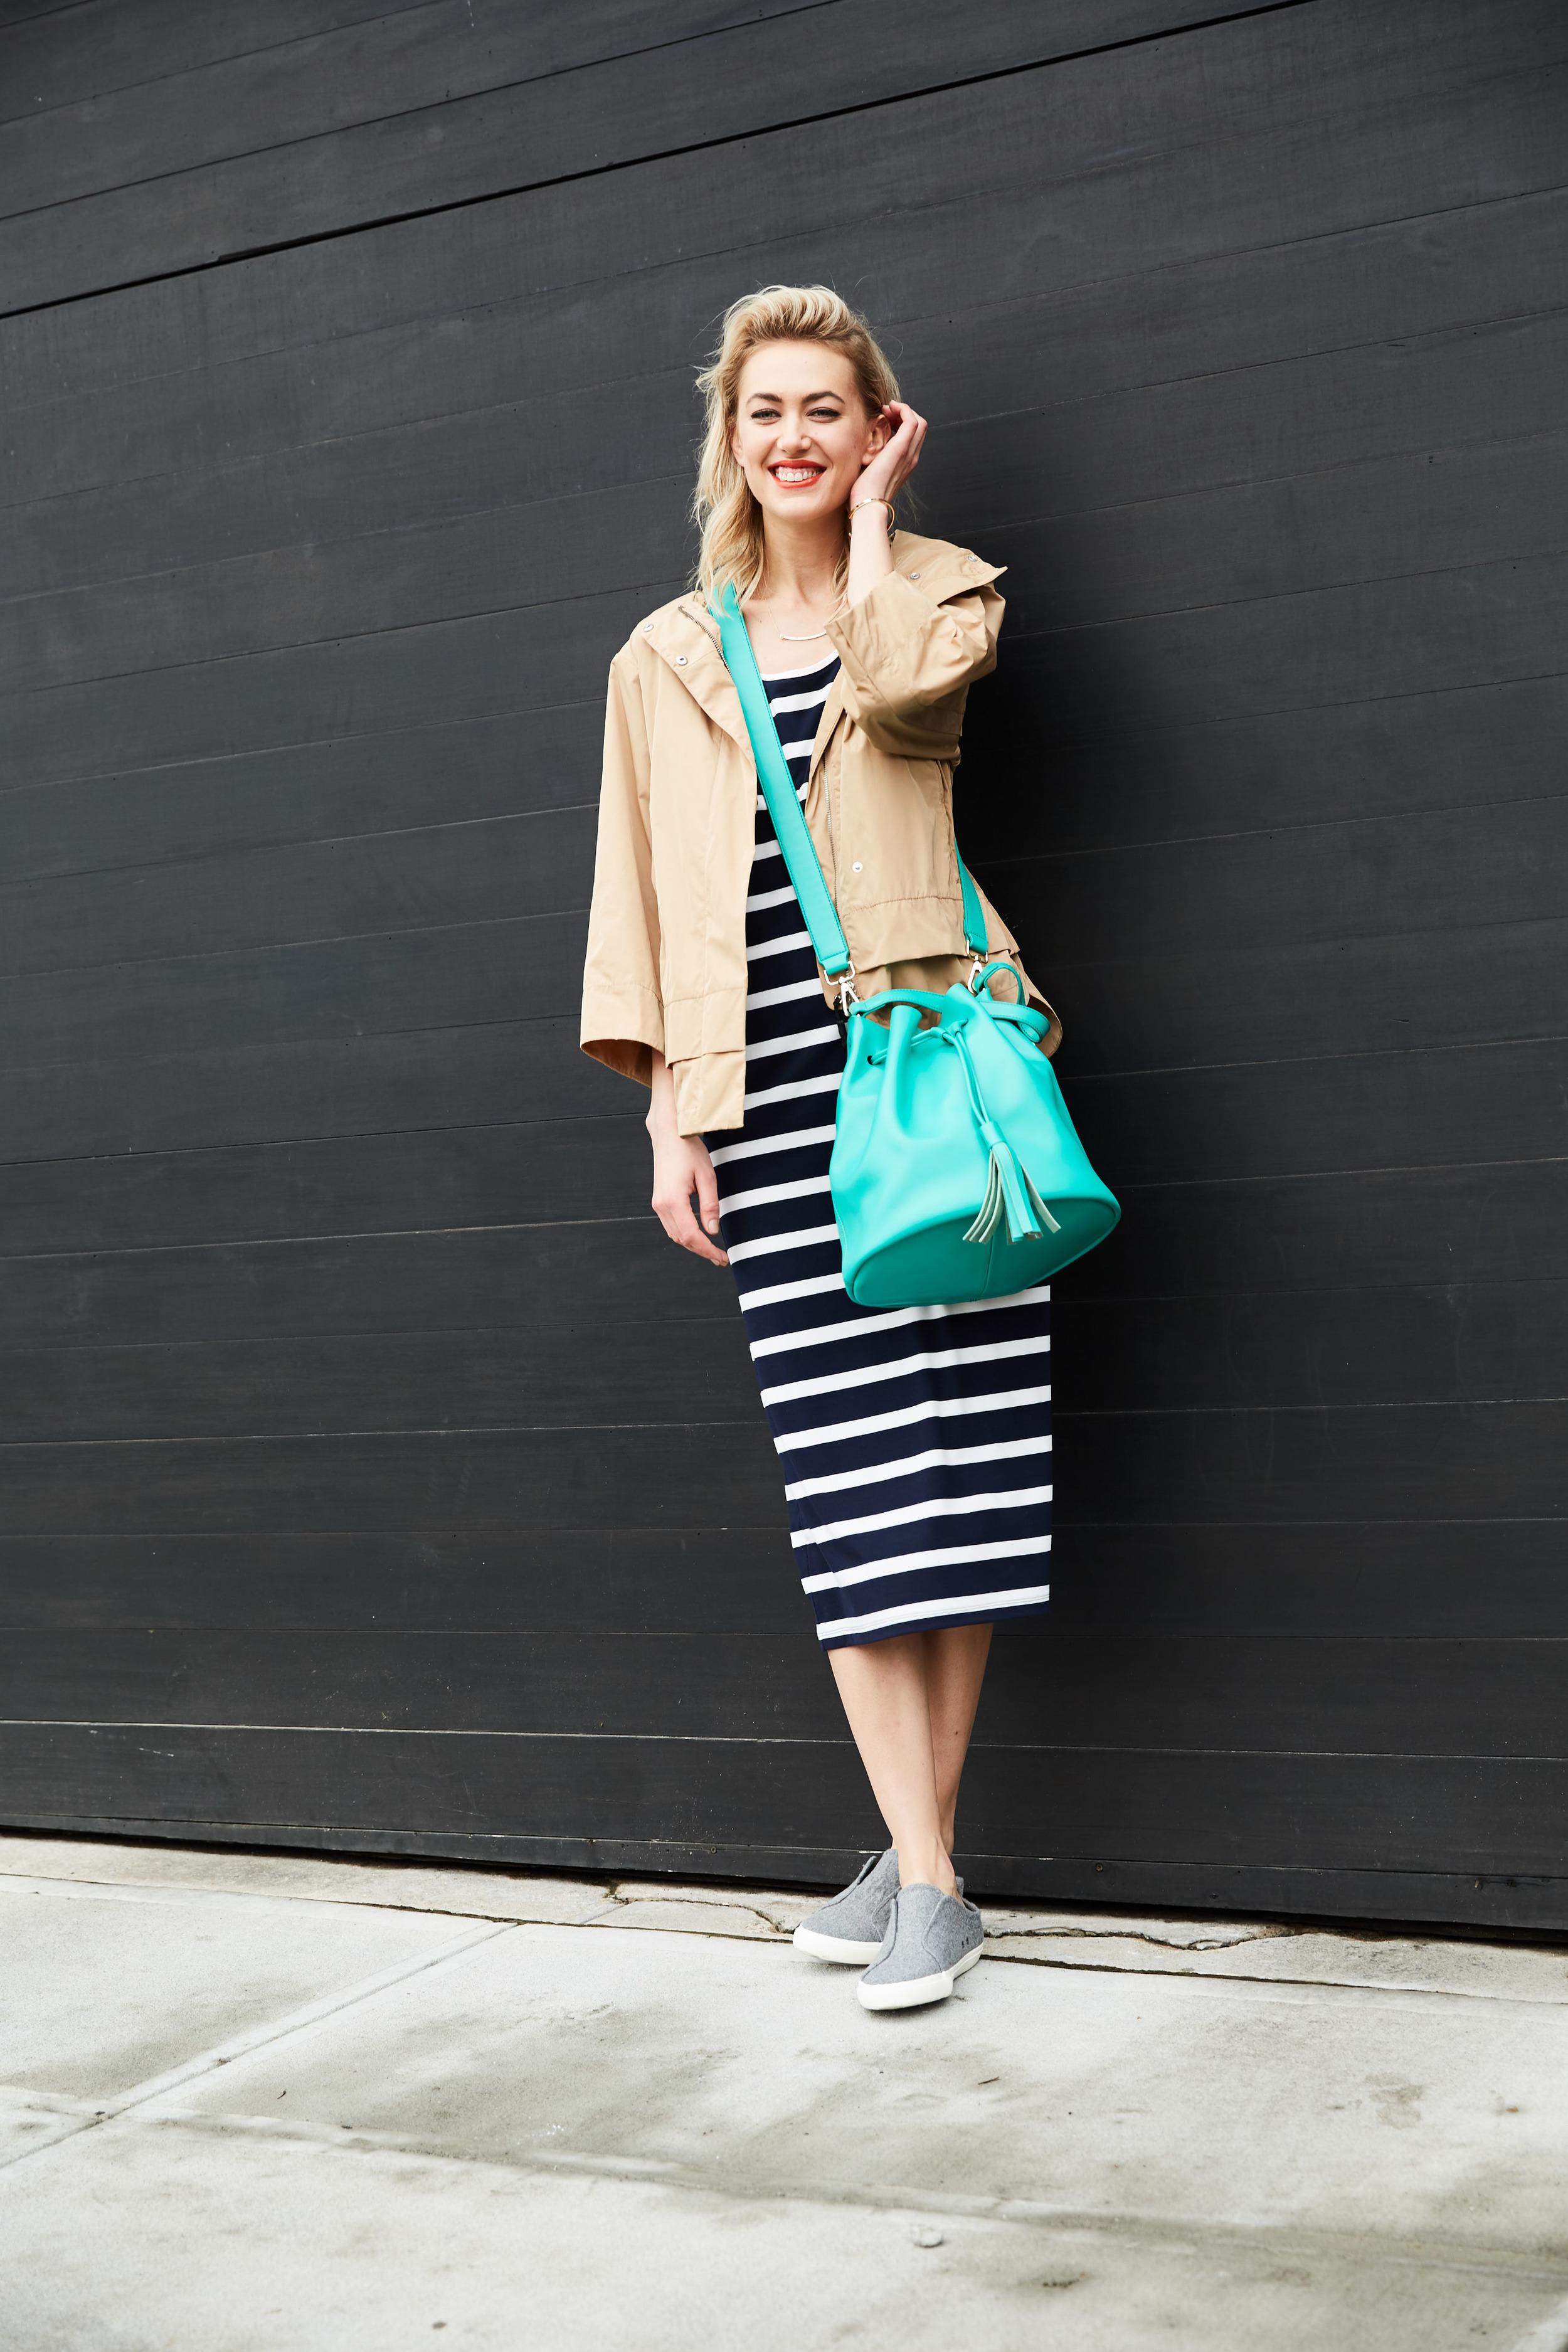 Nautica jacket, $248;  nautica.com . The Limited dress, $59.95;  thelimited.com . Toms sneakers, $39.50;  6pm.com . Jewelry Storm necklace, $38;  jewelrystorm.com . April Soderstrom bracelet, $48 (for set of 3);  aprilsoderstrom.com . KC Jagger bucket bag, $52.99;  saksoff5th.com .